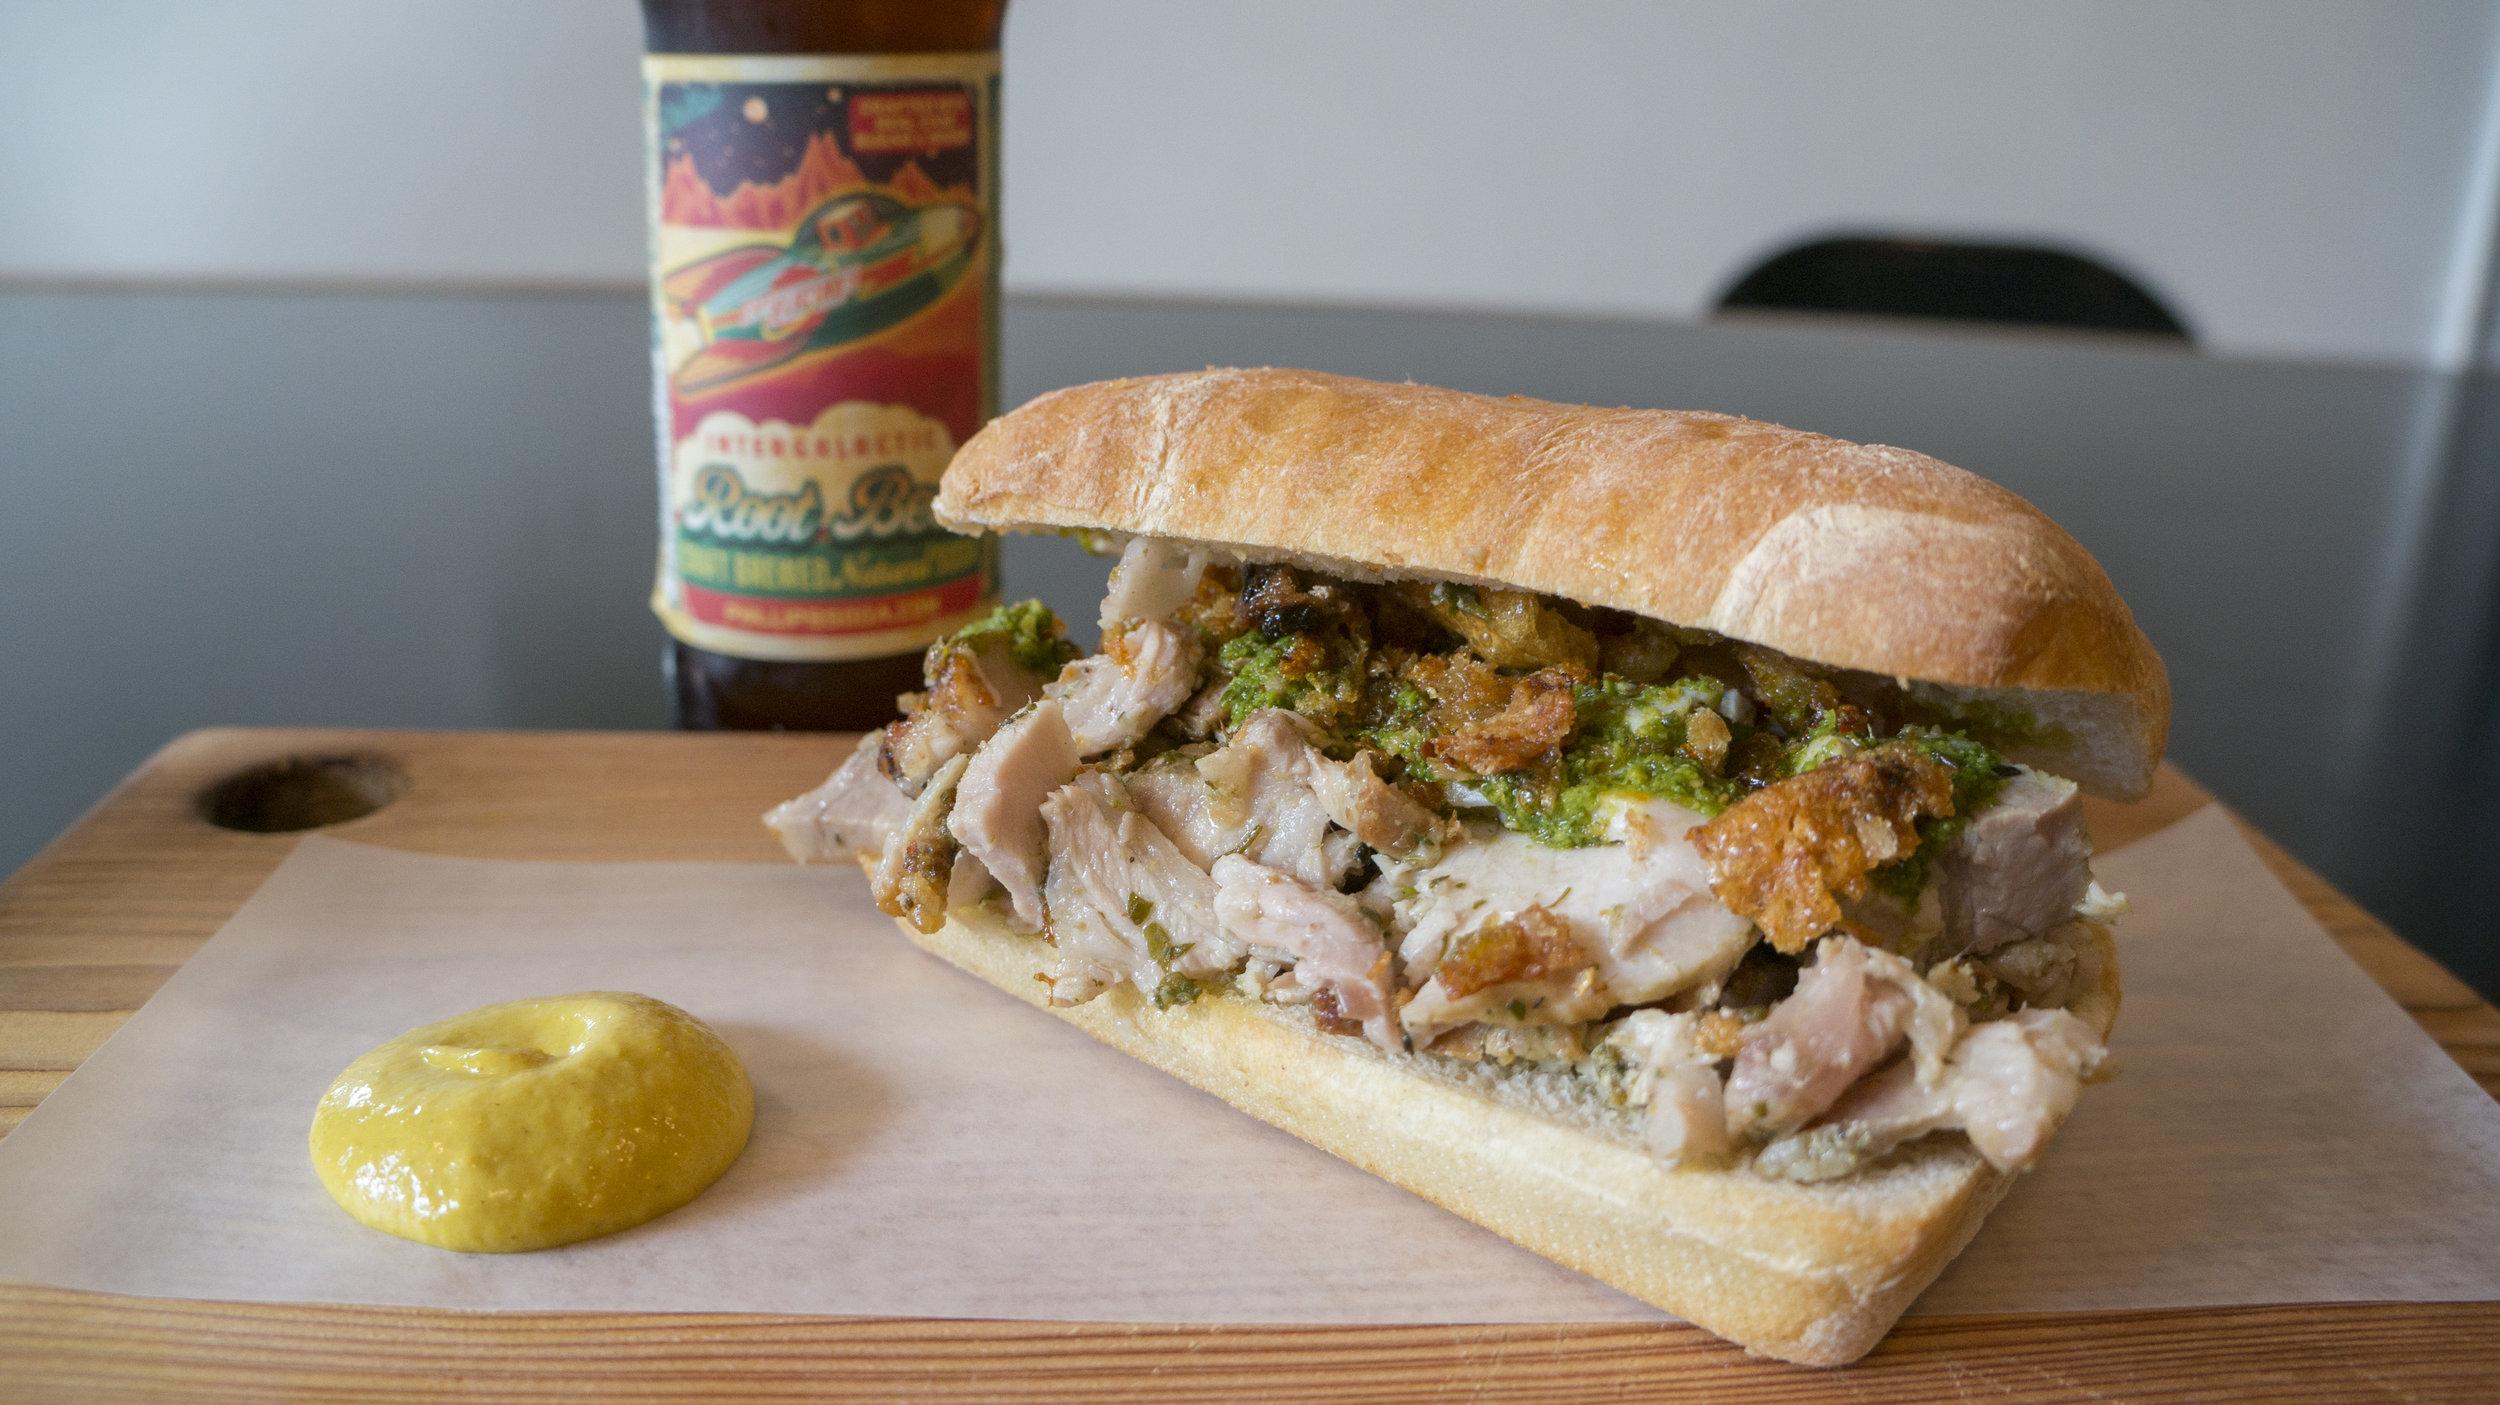 Porchetta Sandwich with Phillip's Craft Rootbeer